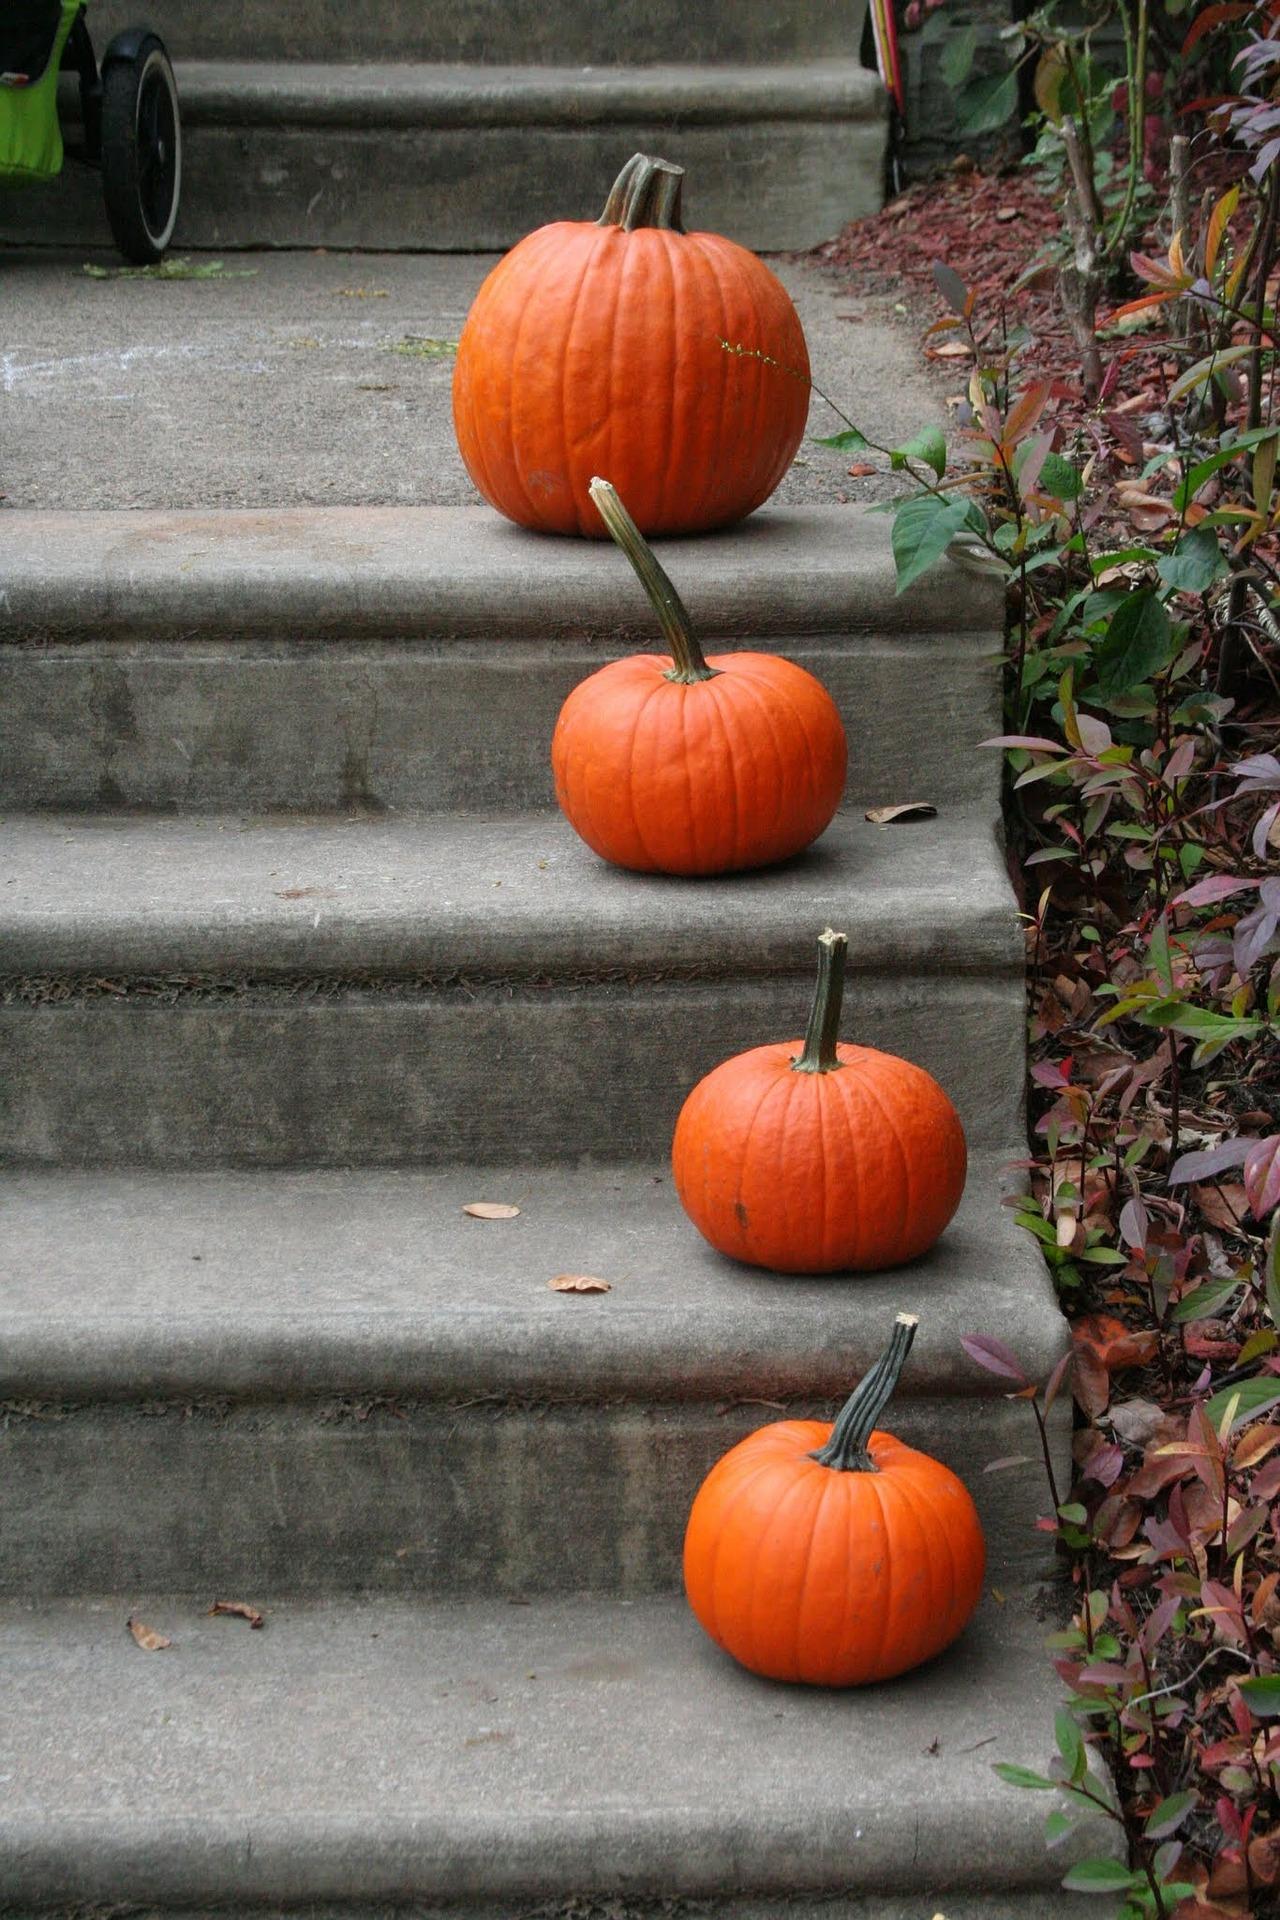 pumpkin-1170272_1920.jpg